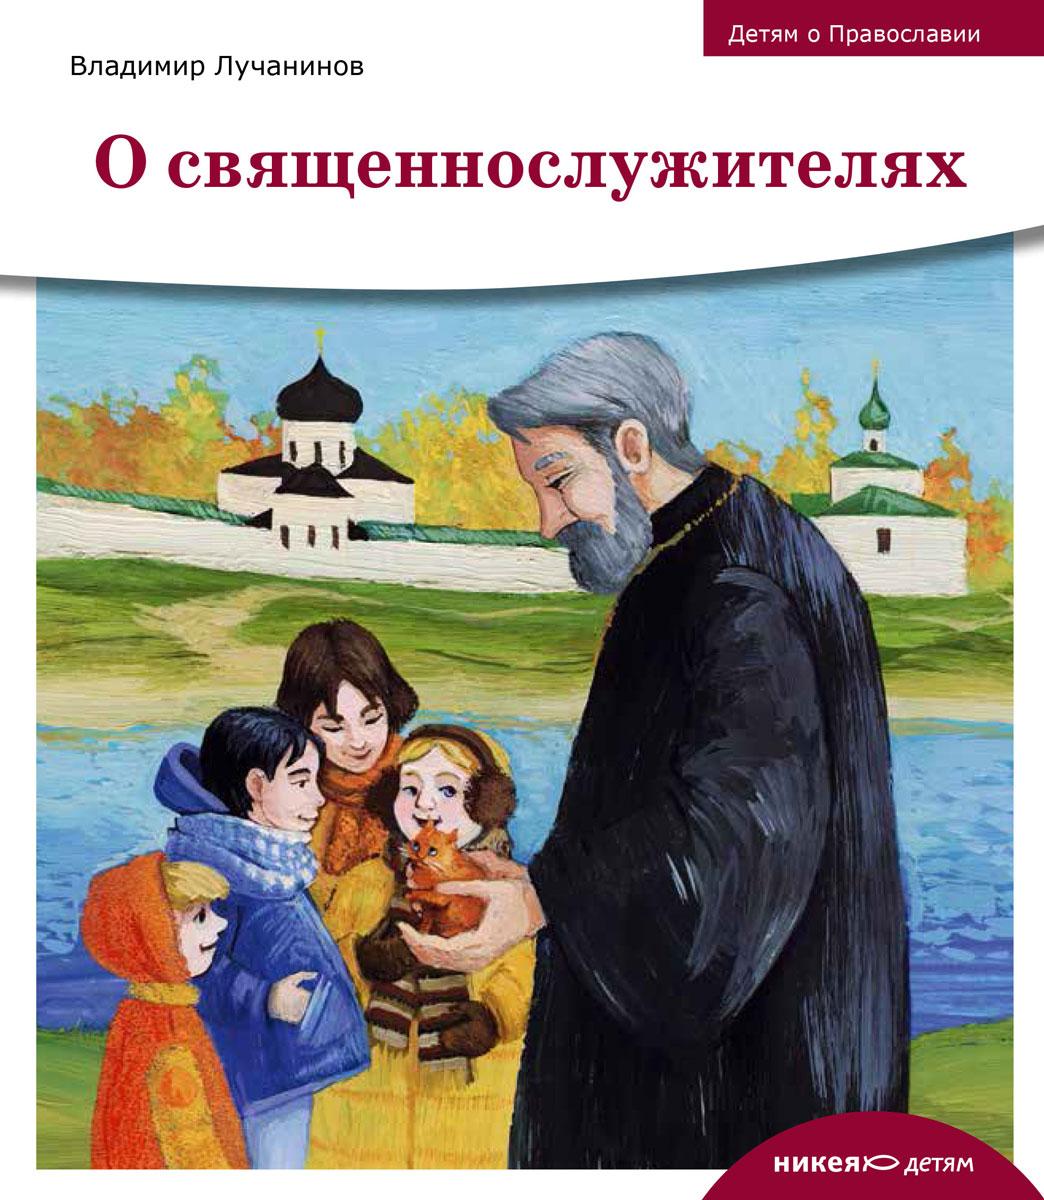 Владимир Лучанинов О священнослужителях книги эксмо наши дети исповедь о самых близких и беззащитных